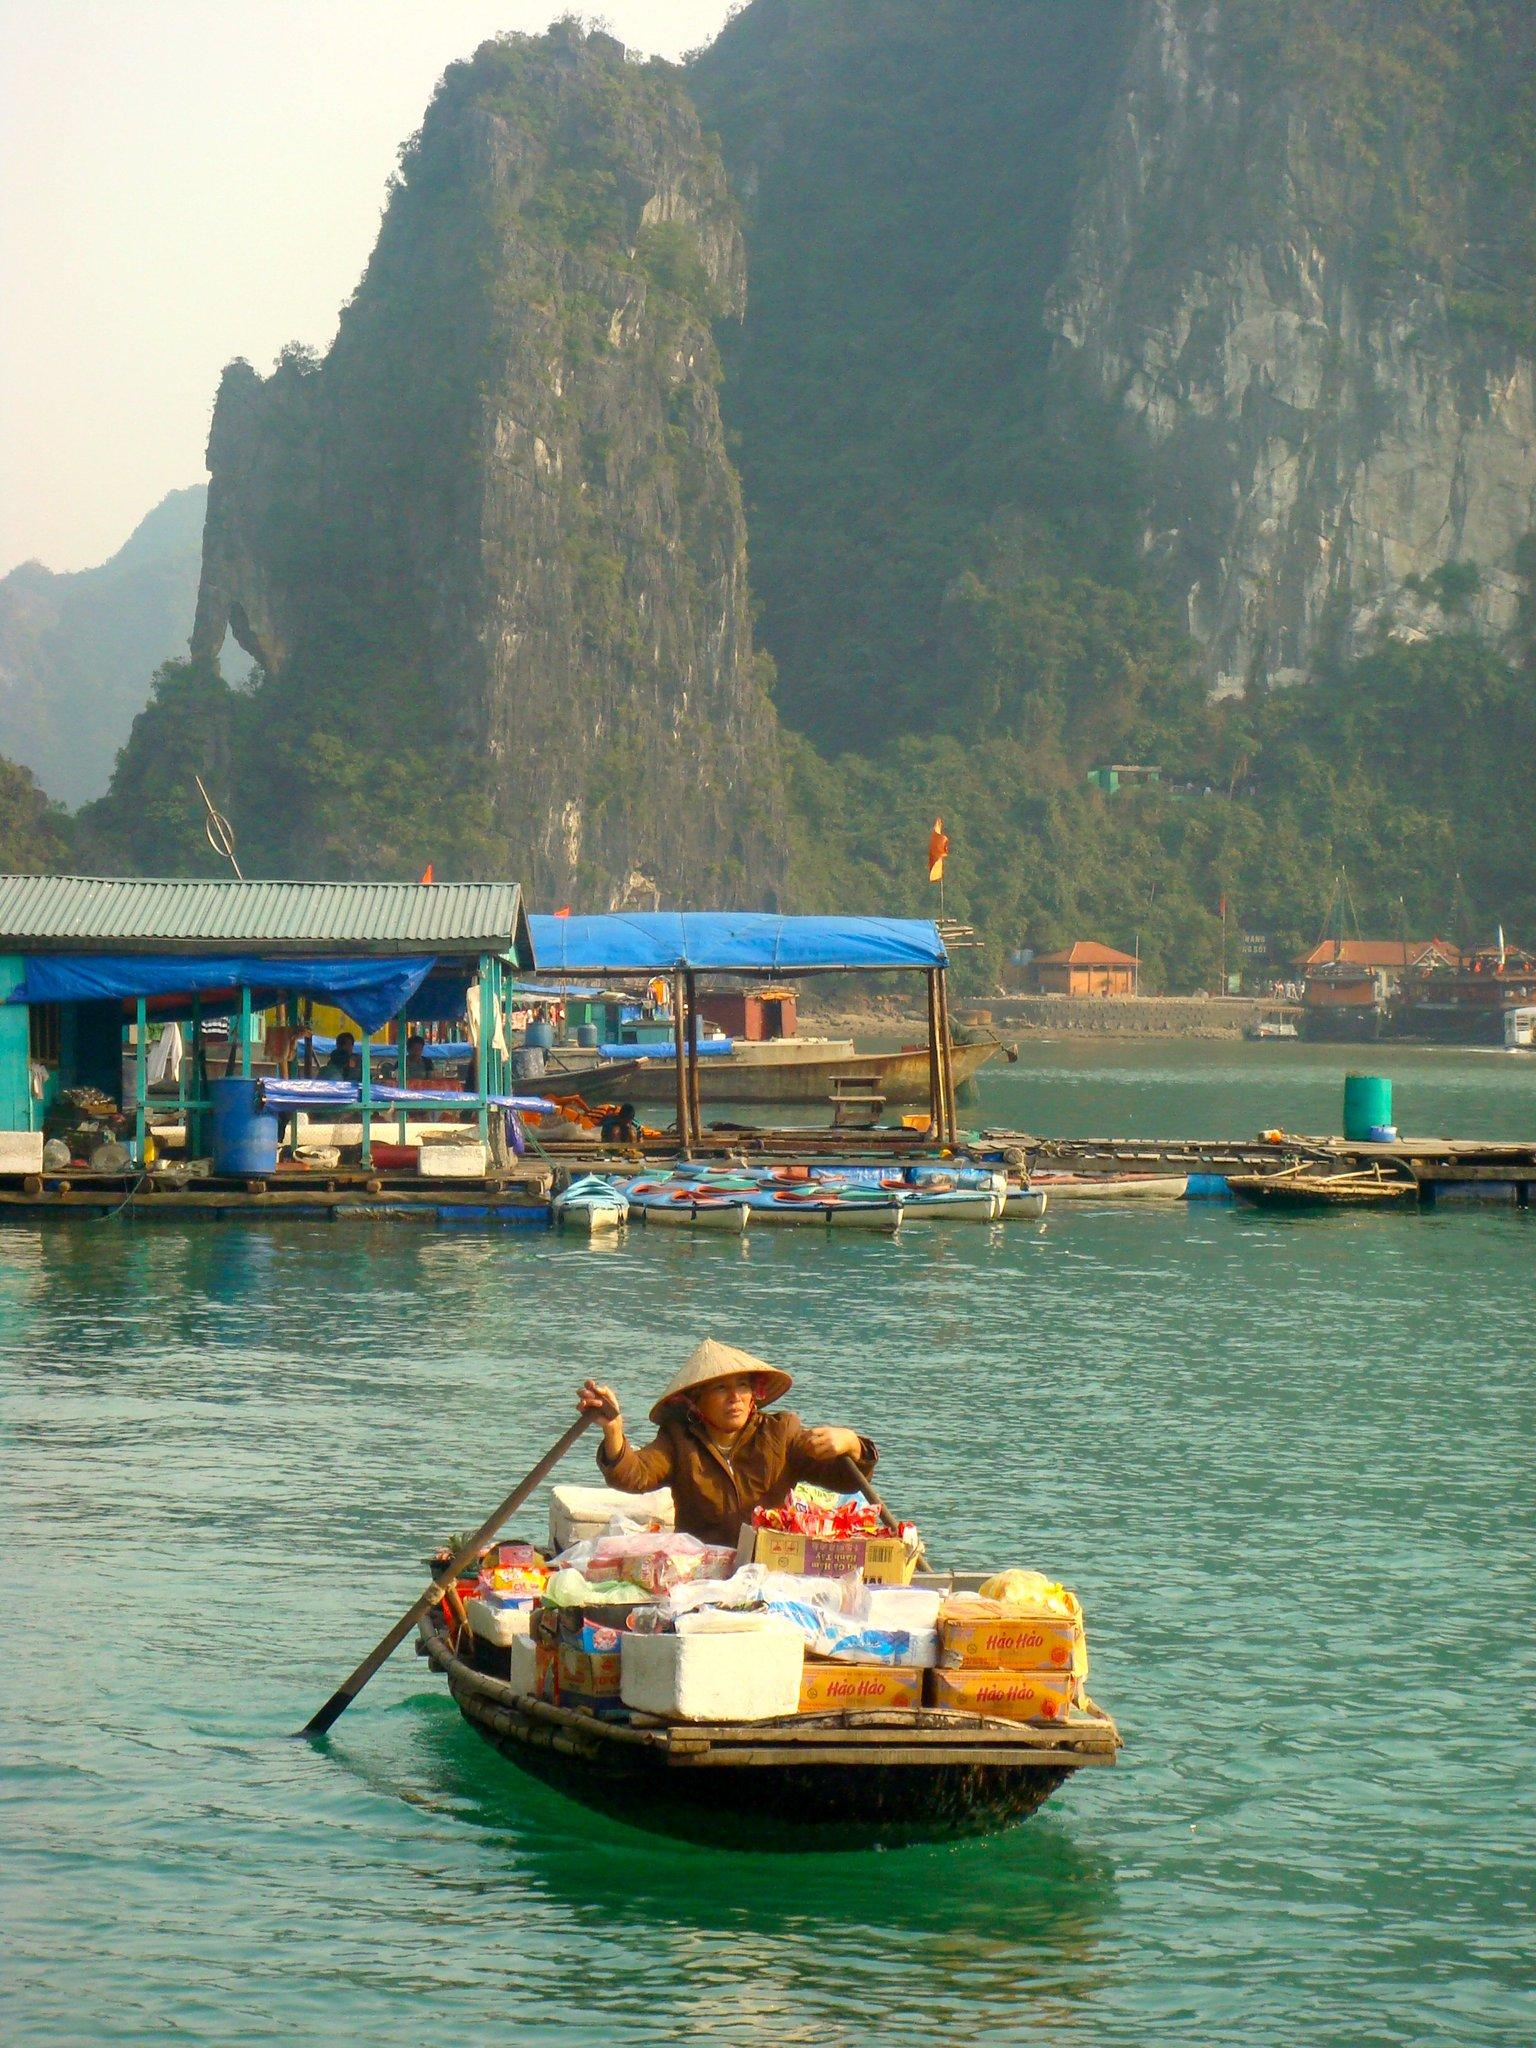 Uno de nuestros lugares preferidos de Asia ¿sabes dónde estamos? #fácilfácil #viajes #turismo #veranoBUV https://t.co/meef309FD9